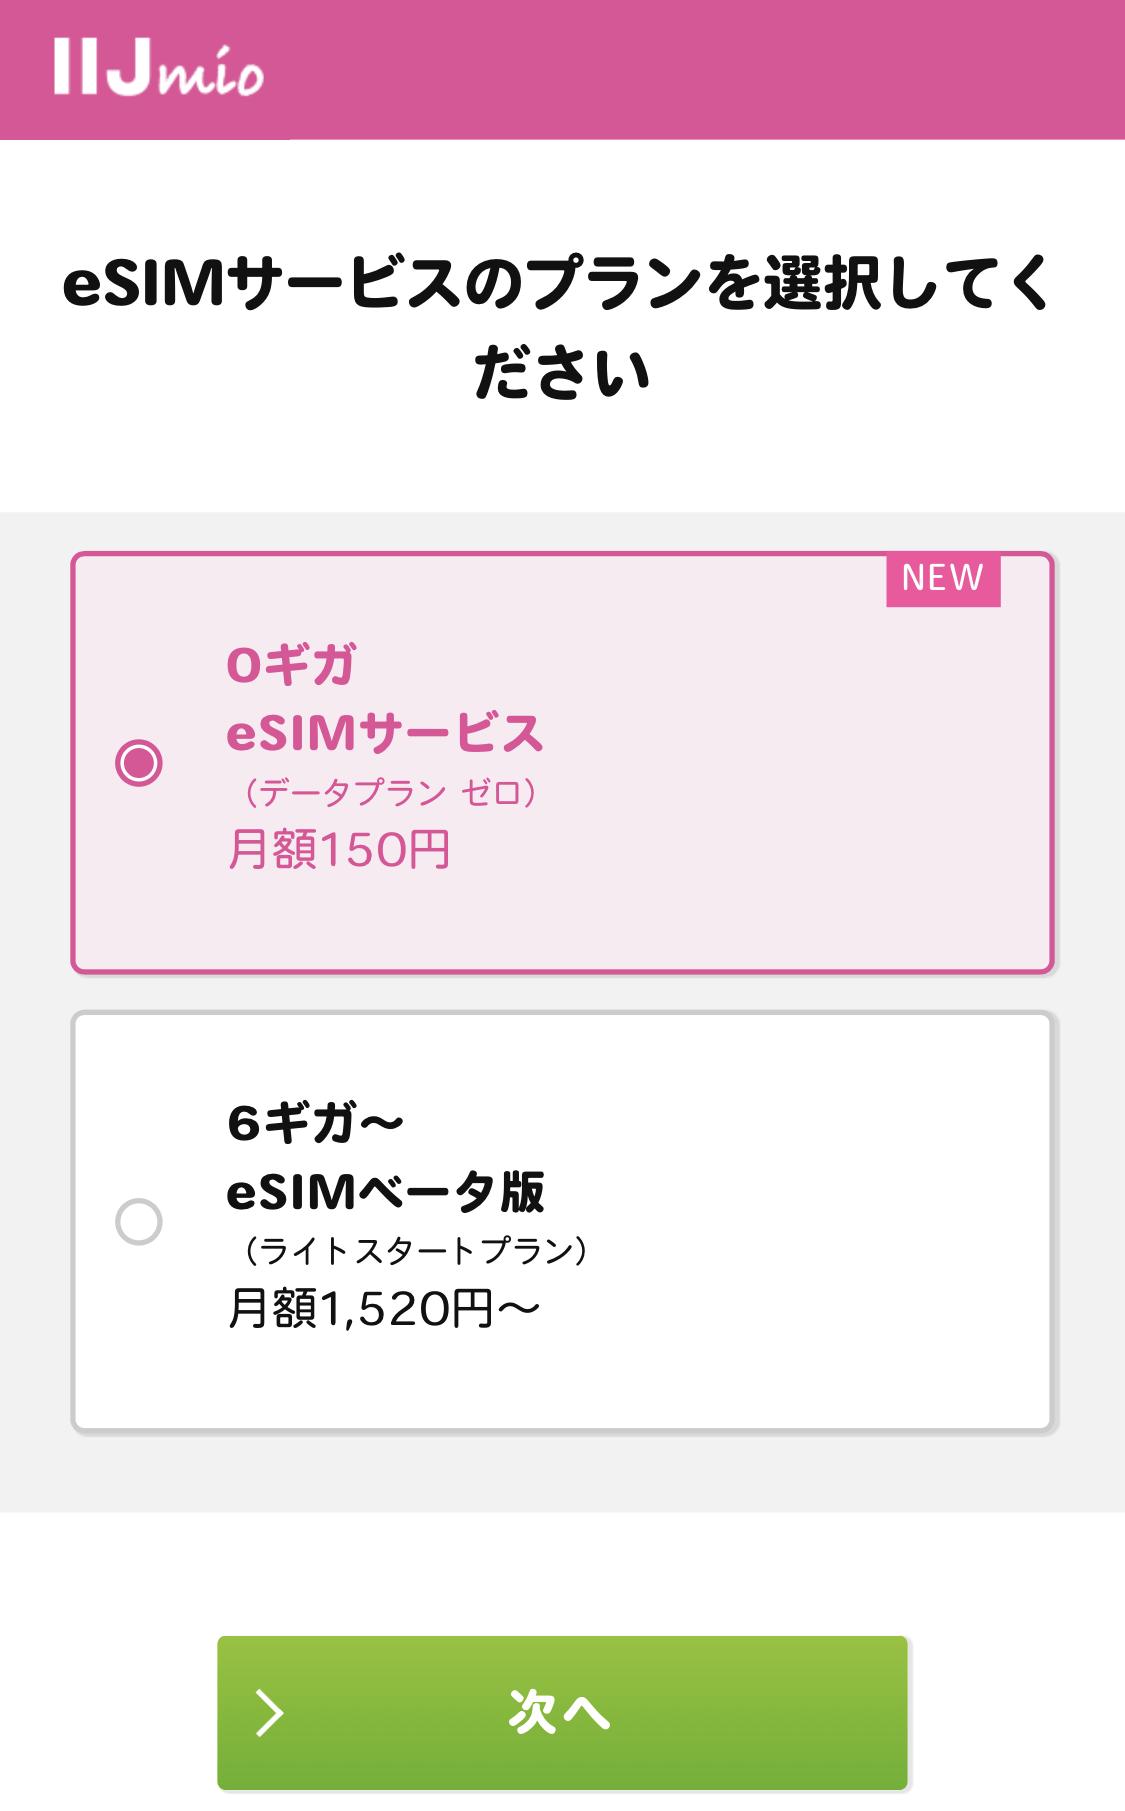 Iijmio申し込み0